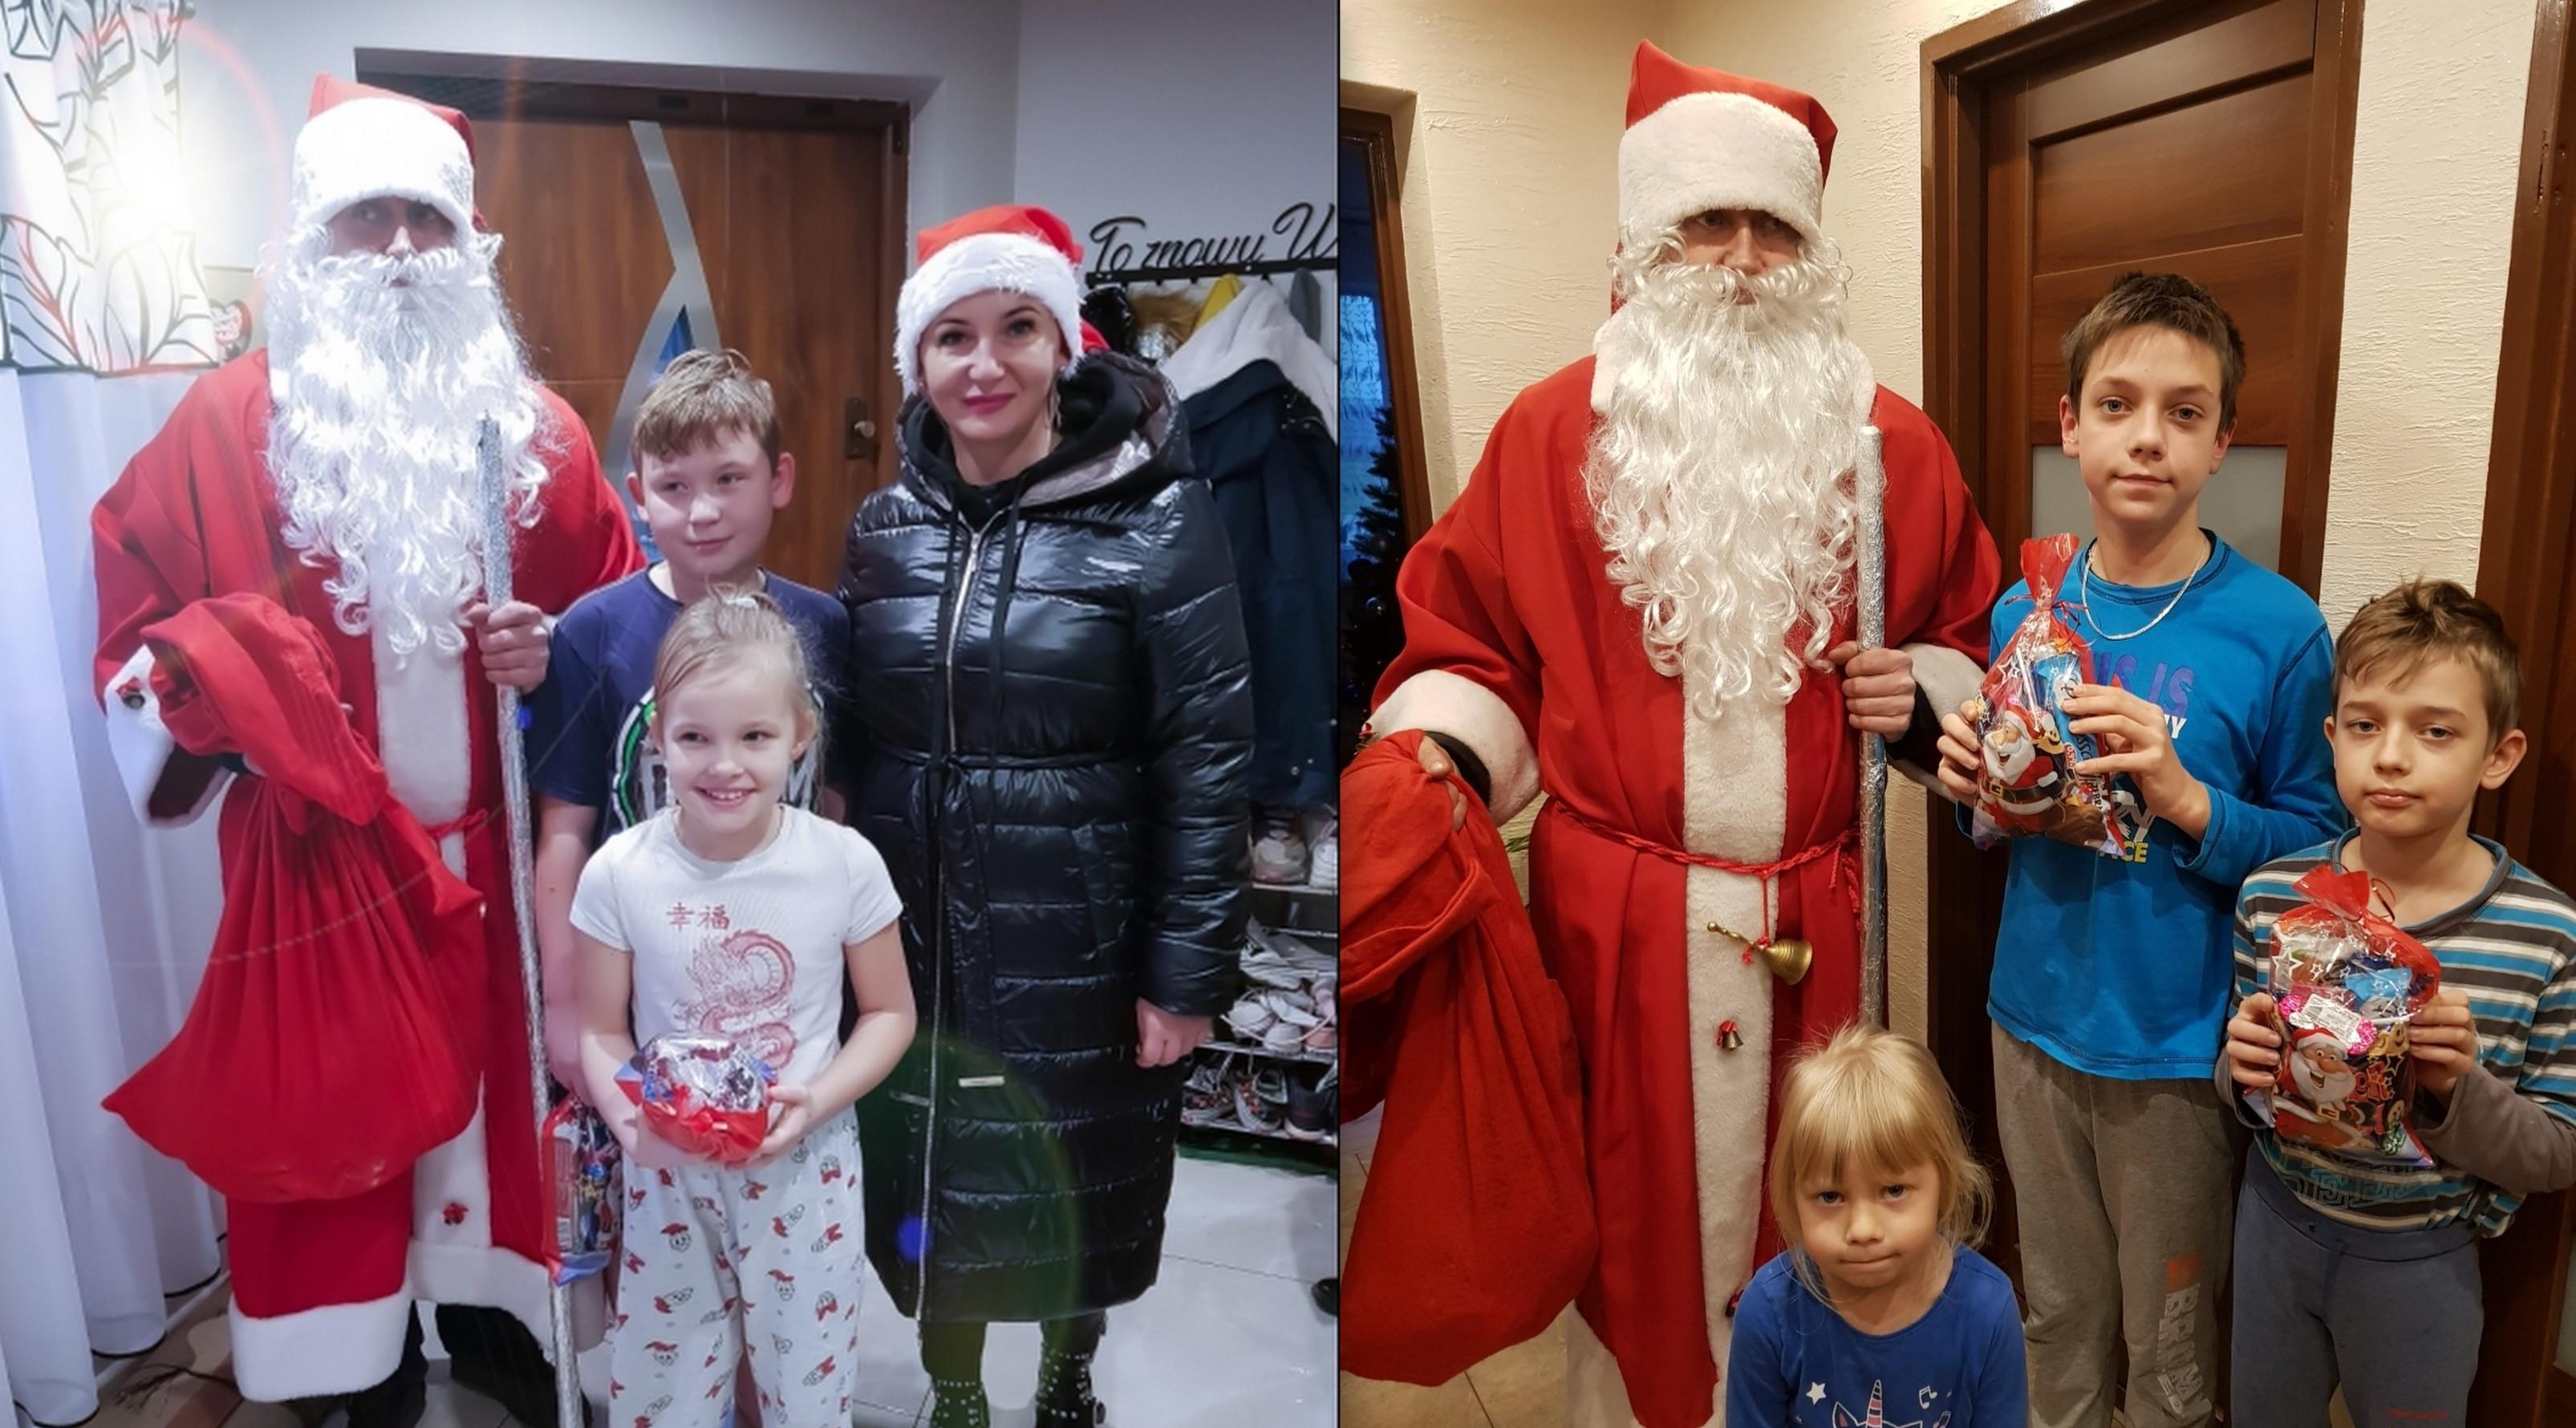 GMINA ŁUKÓW Św. Mikołaj zawitał do Aleksandrowa - Zdjęcie główne